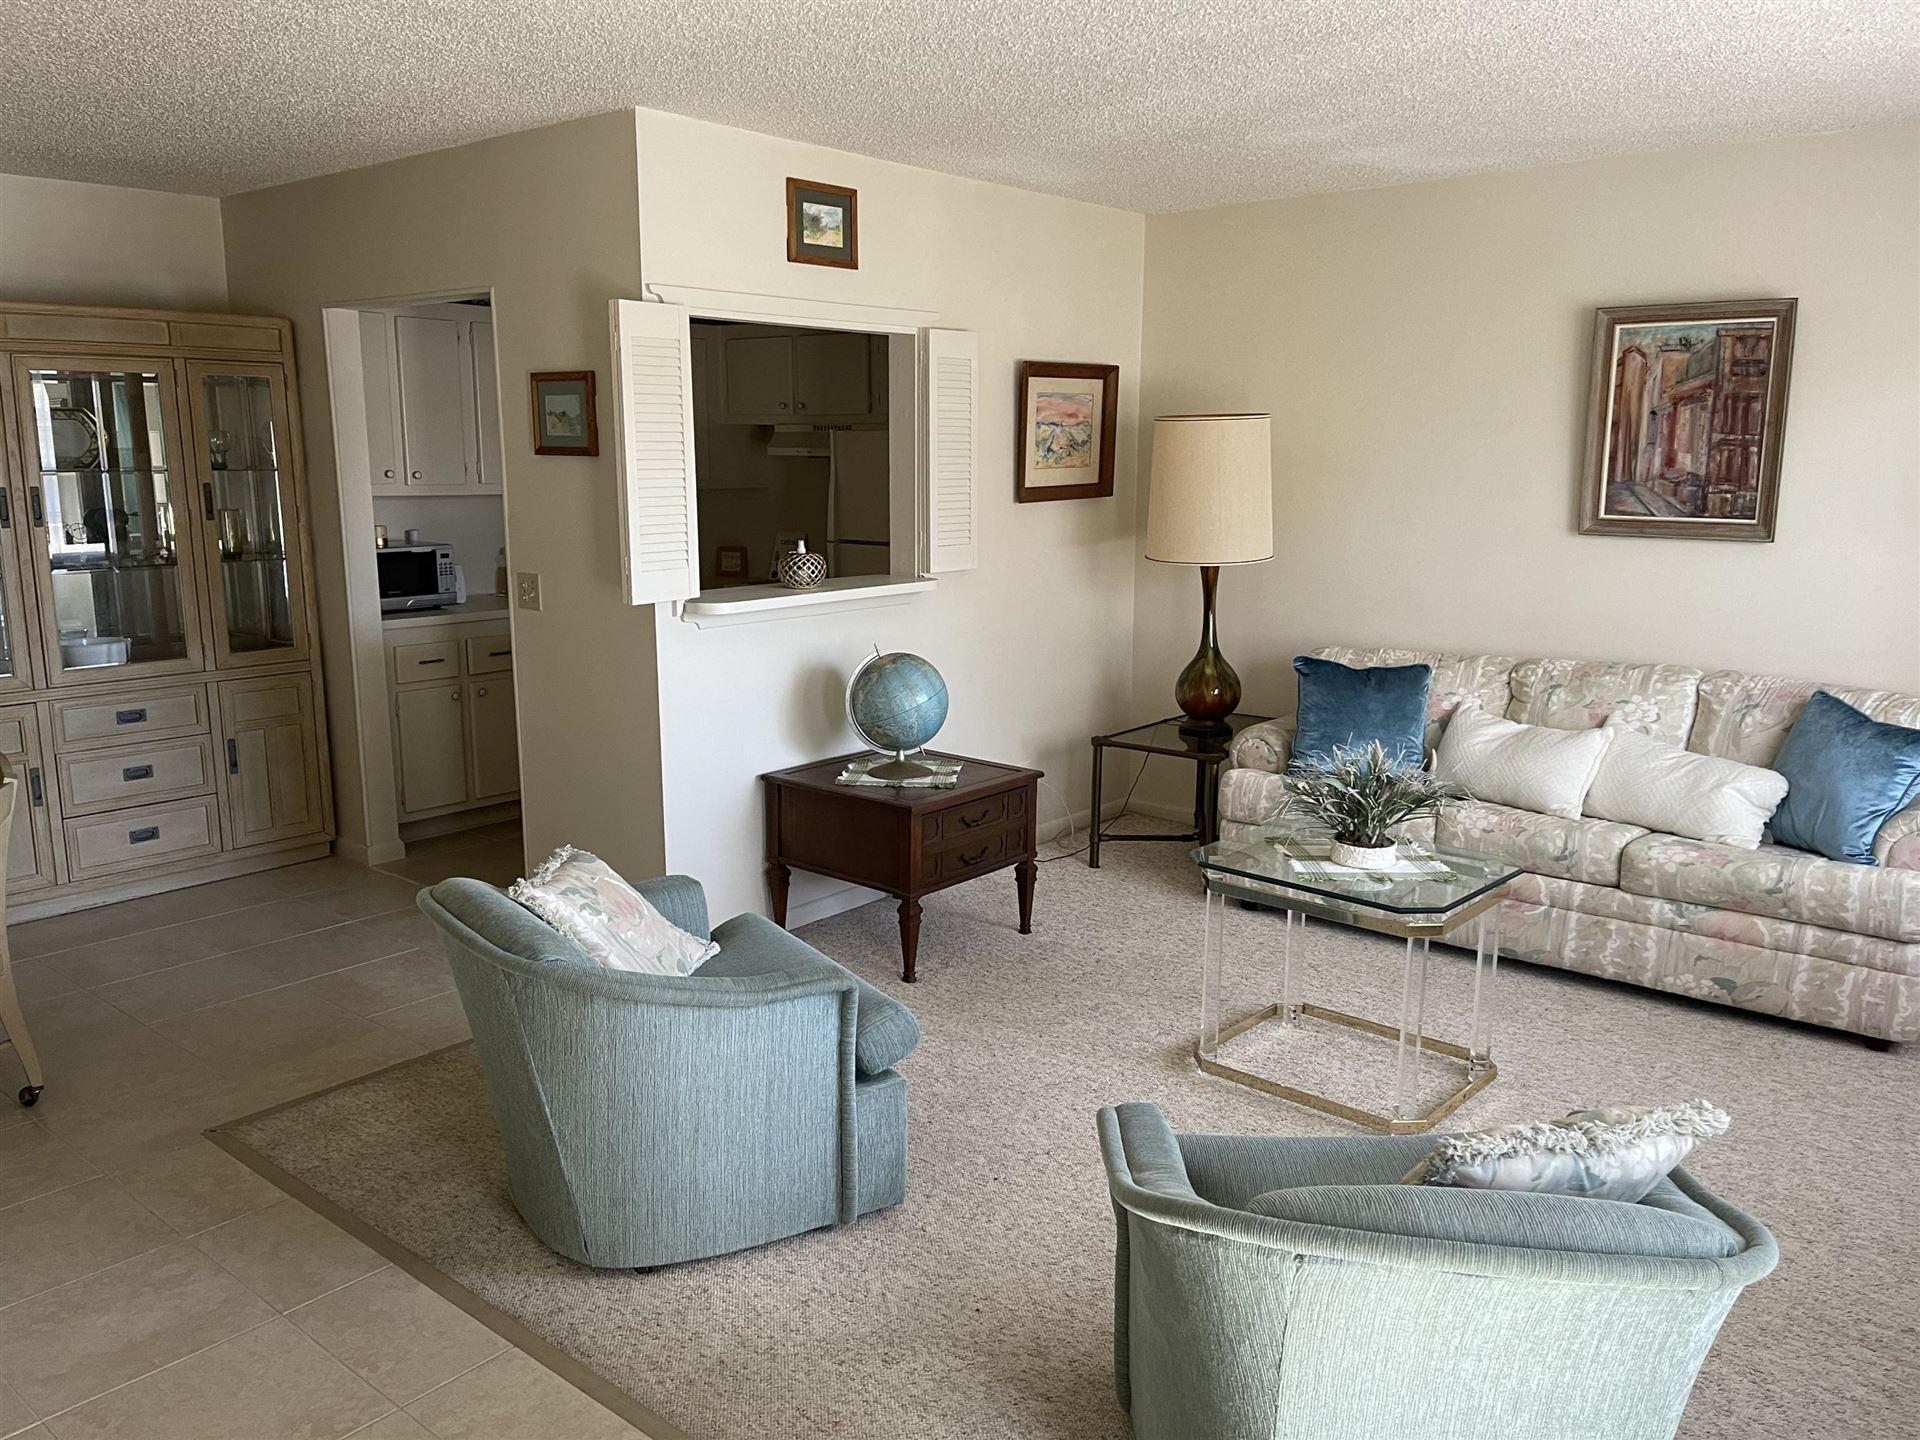 217 Southampton A #217, West Palm Beach, FL 33417 - #: RX-10688750